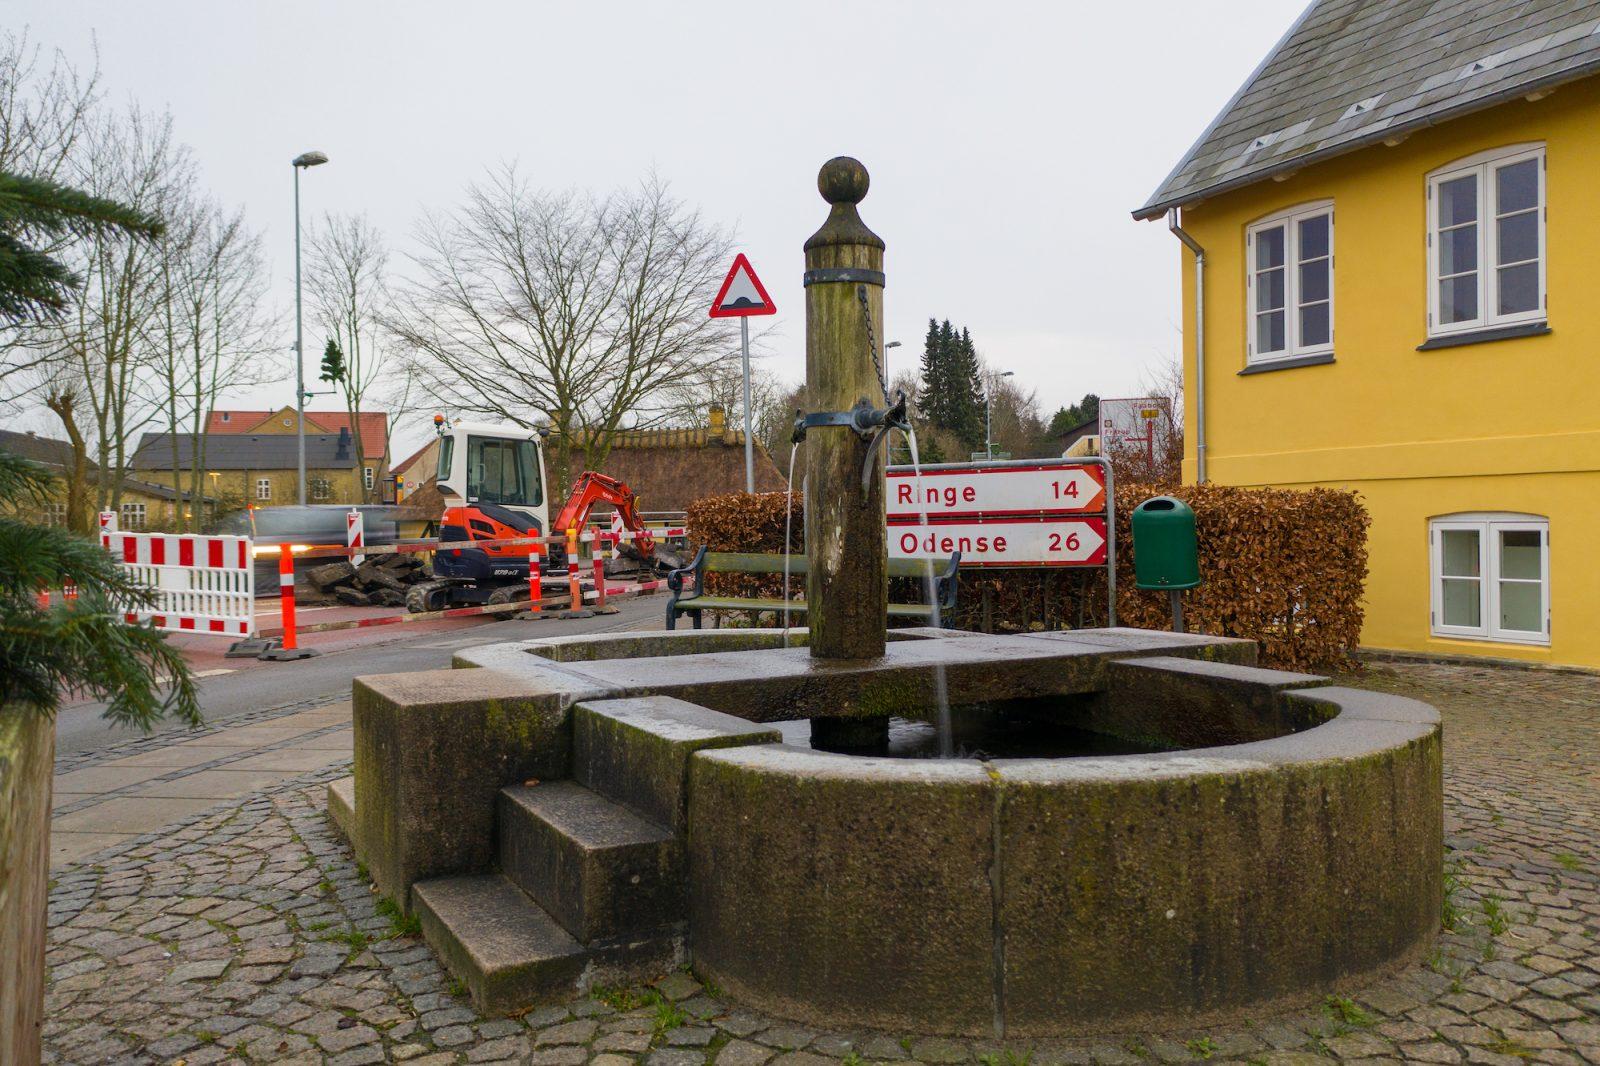 Bygning i Hulvejen - Safe-con - 2